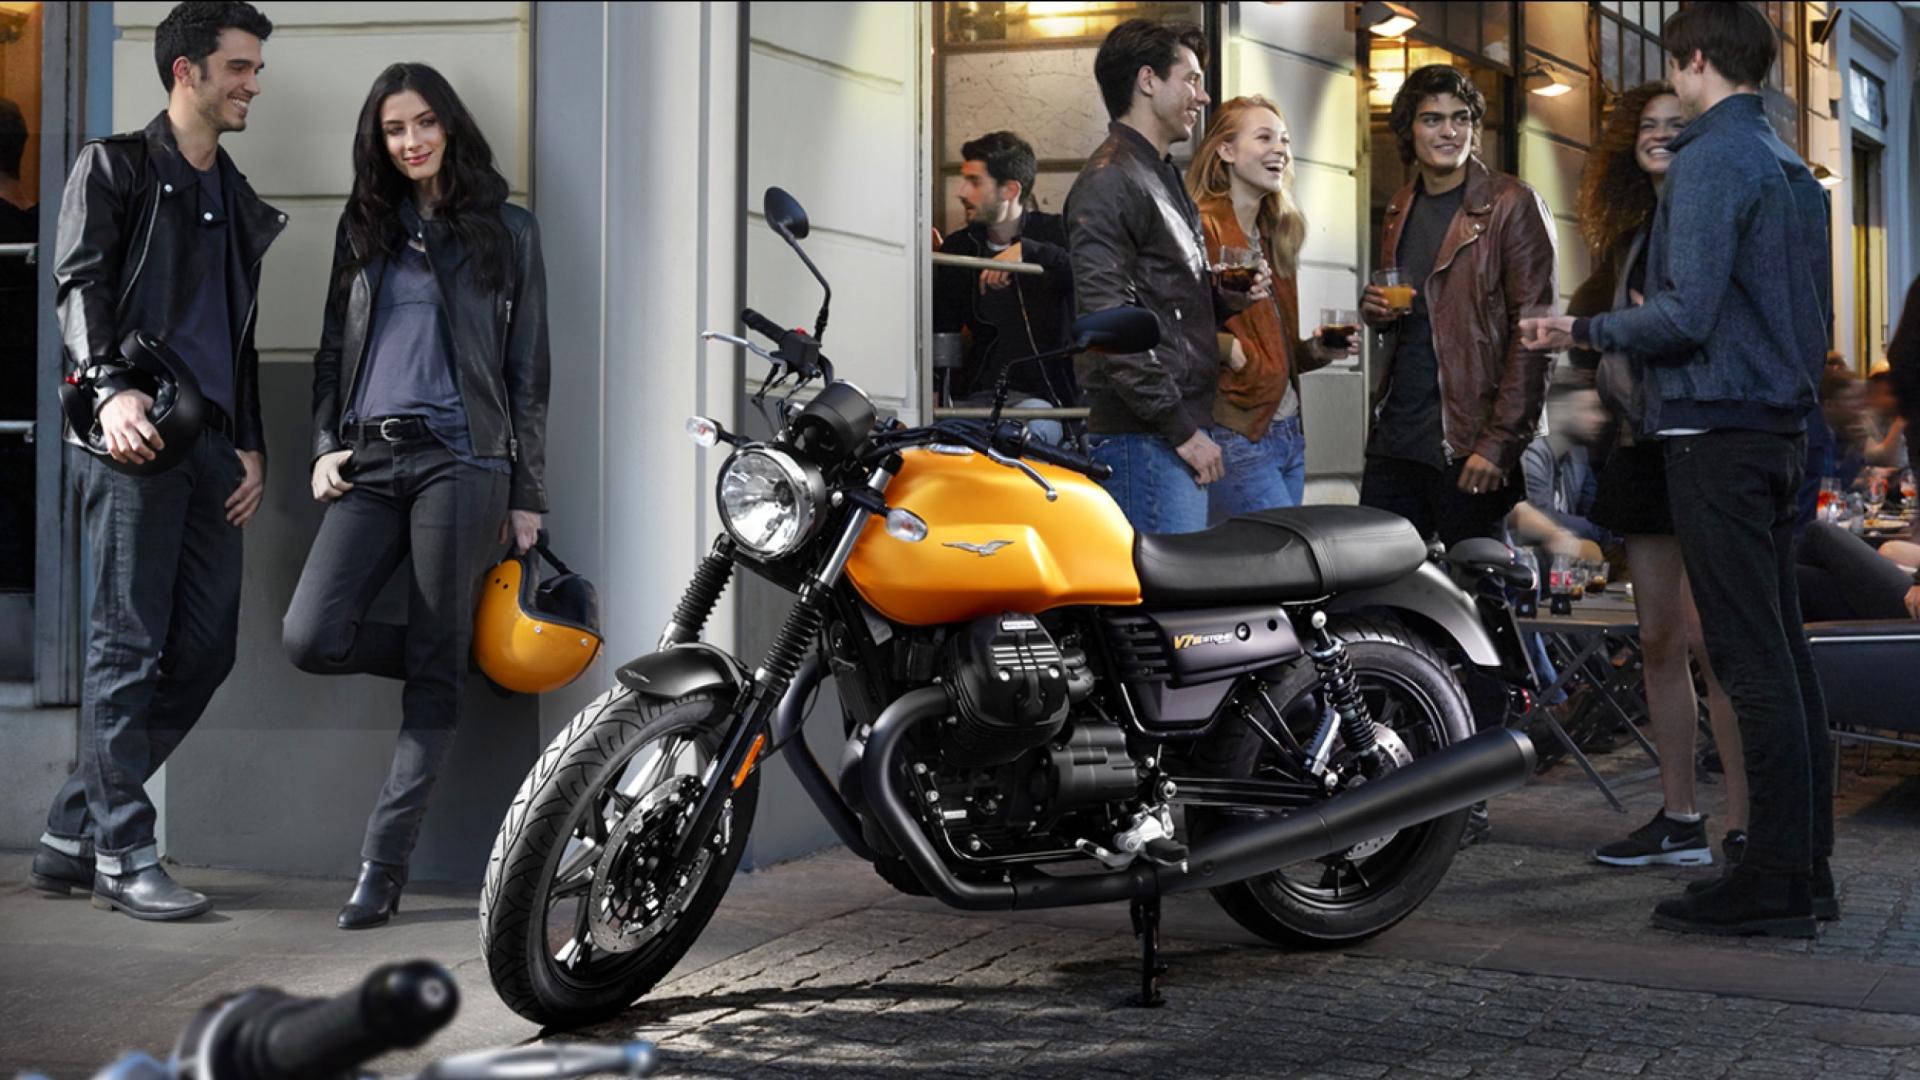 Review : Moto Guzzi V7 Stone III (2017)